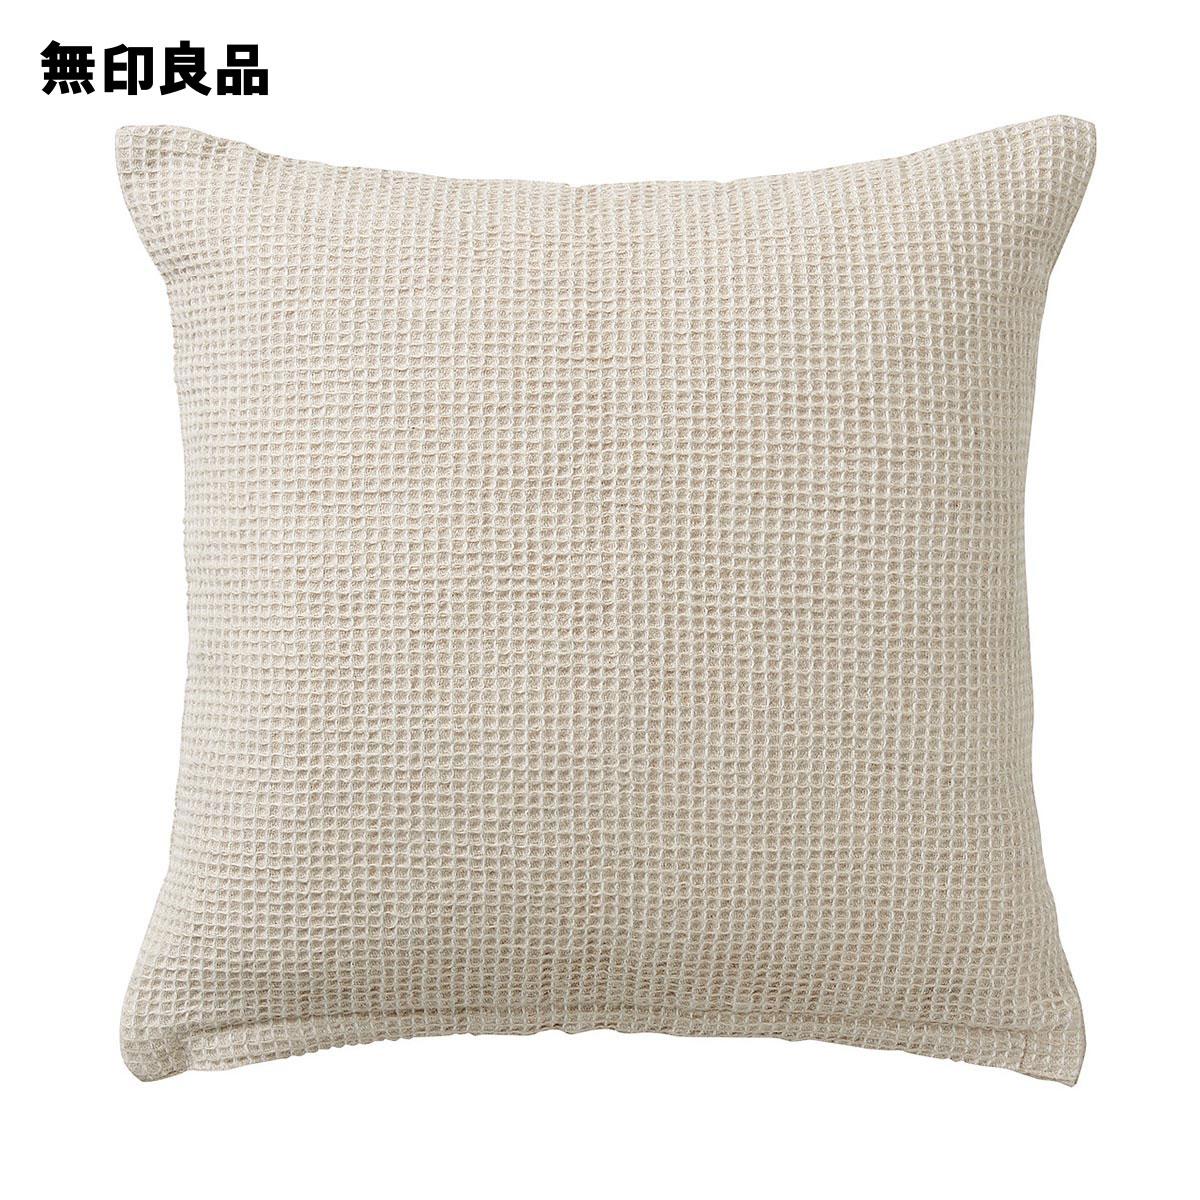 【無印良品 公式】麻綿ミニワッフルクッションカバー/オフ白 43×43cm用